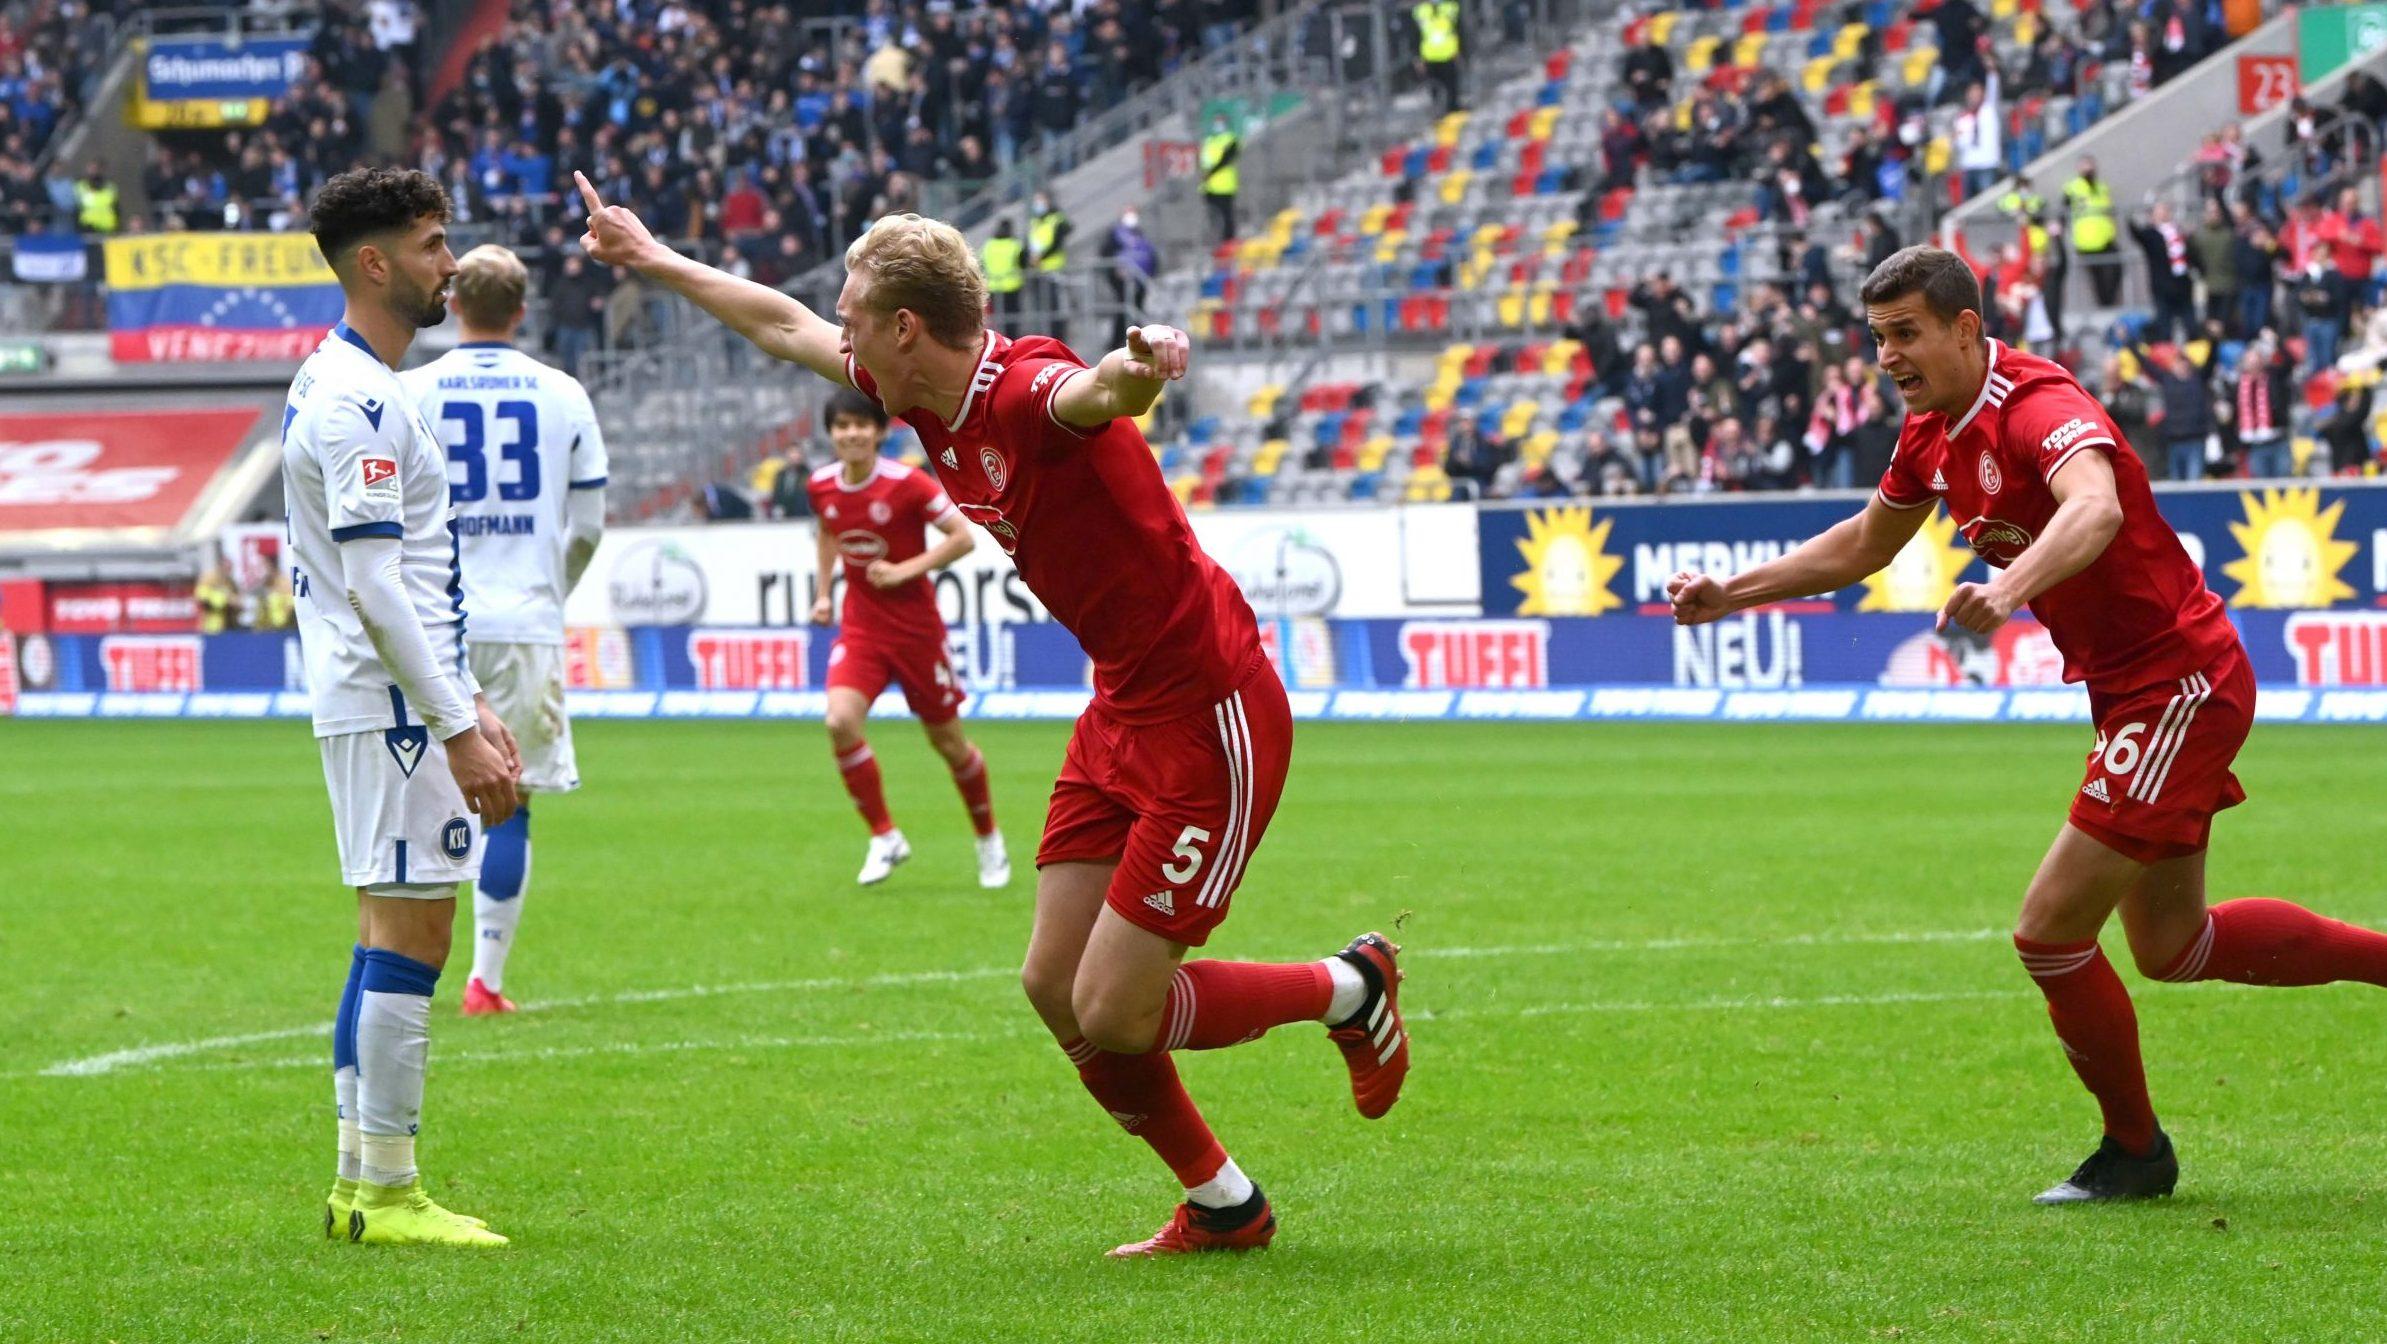 Preußer: DFB-Pokal ist ein cooler Wettbewerb